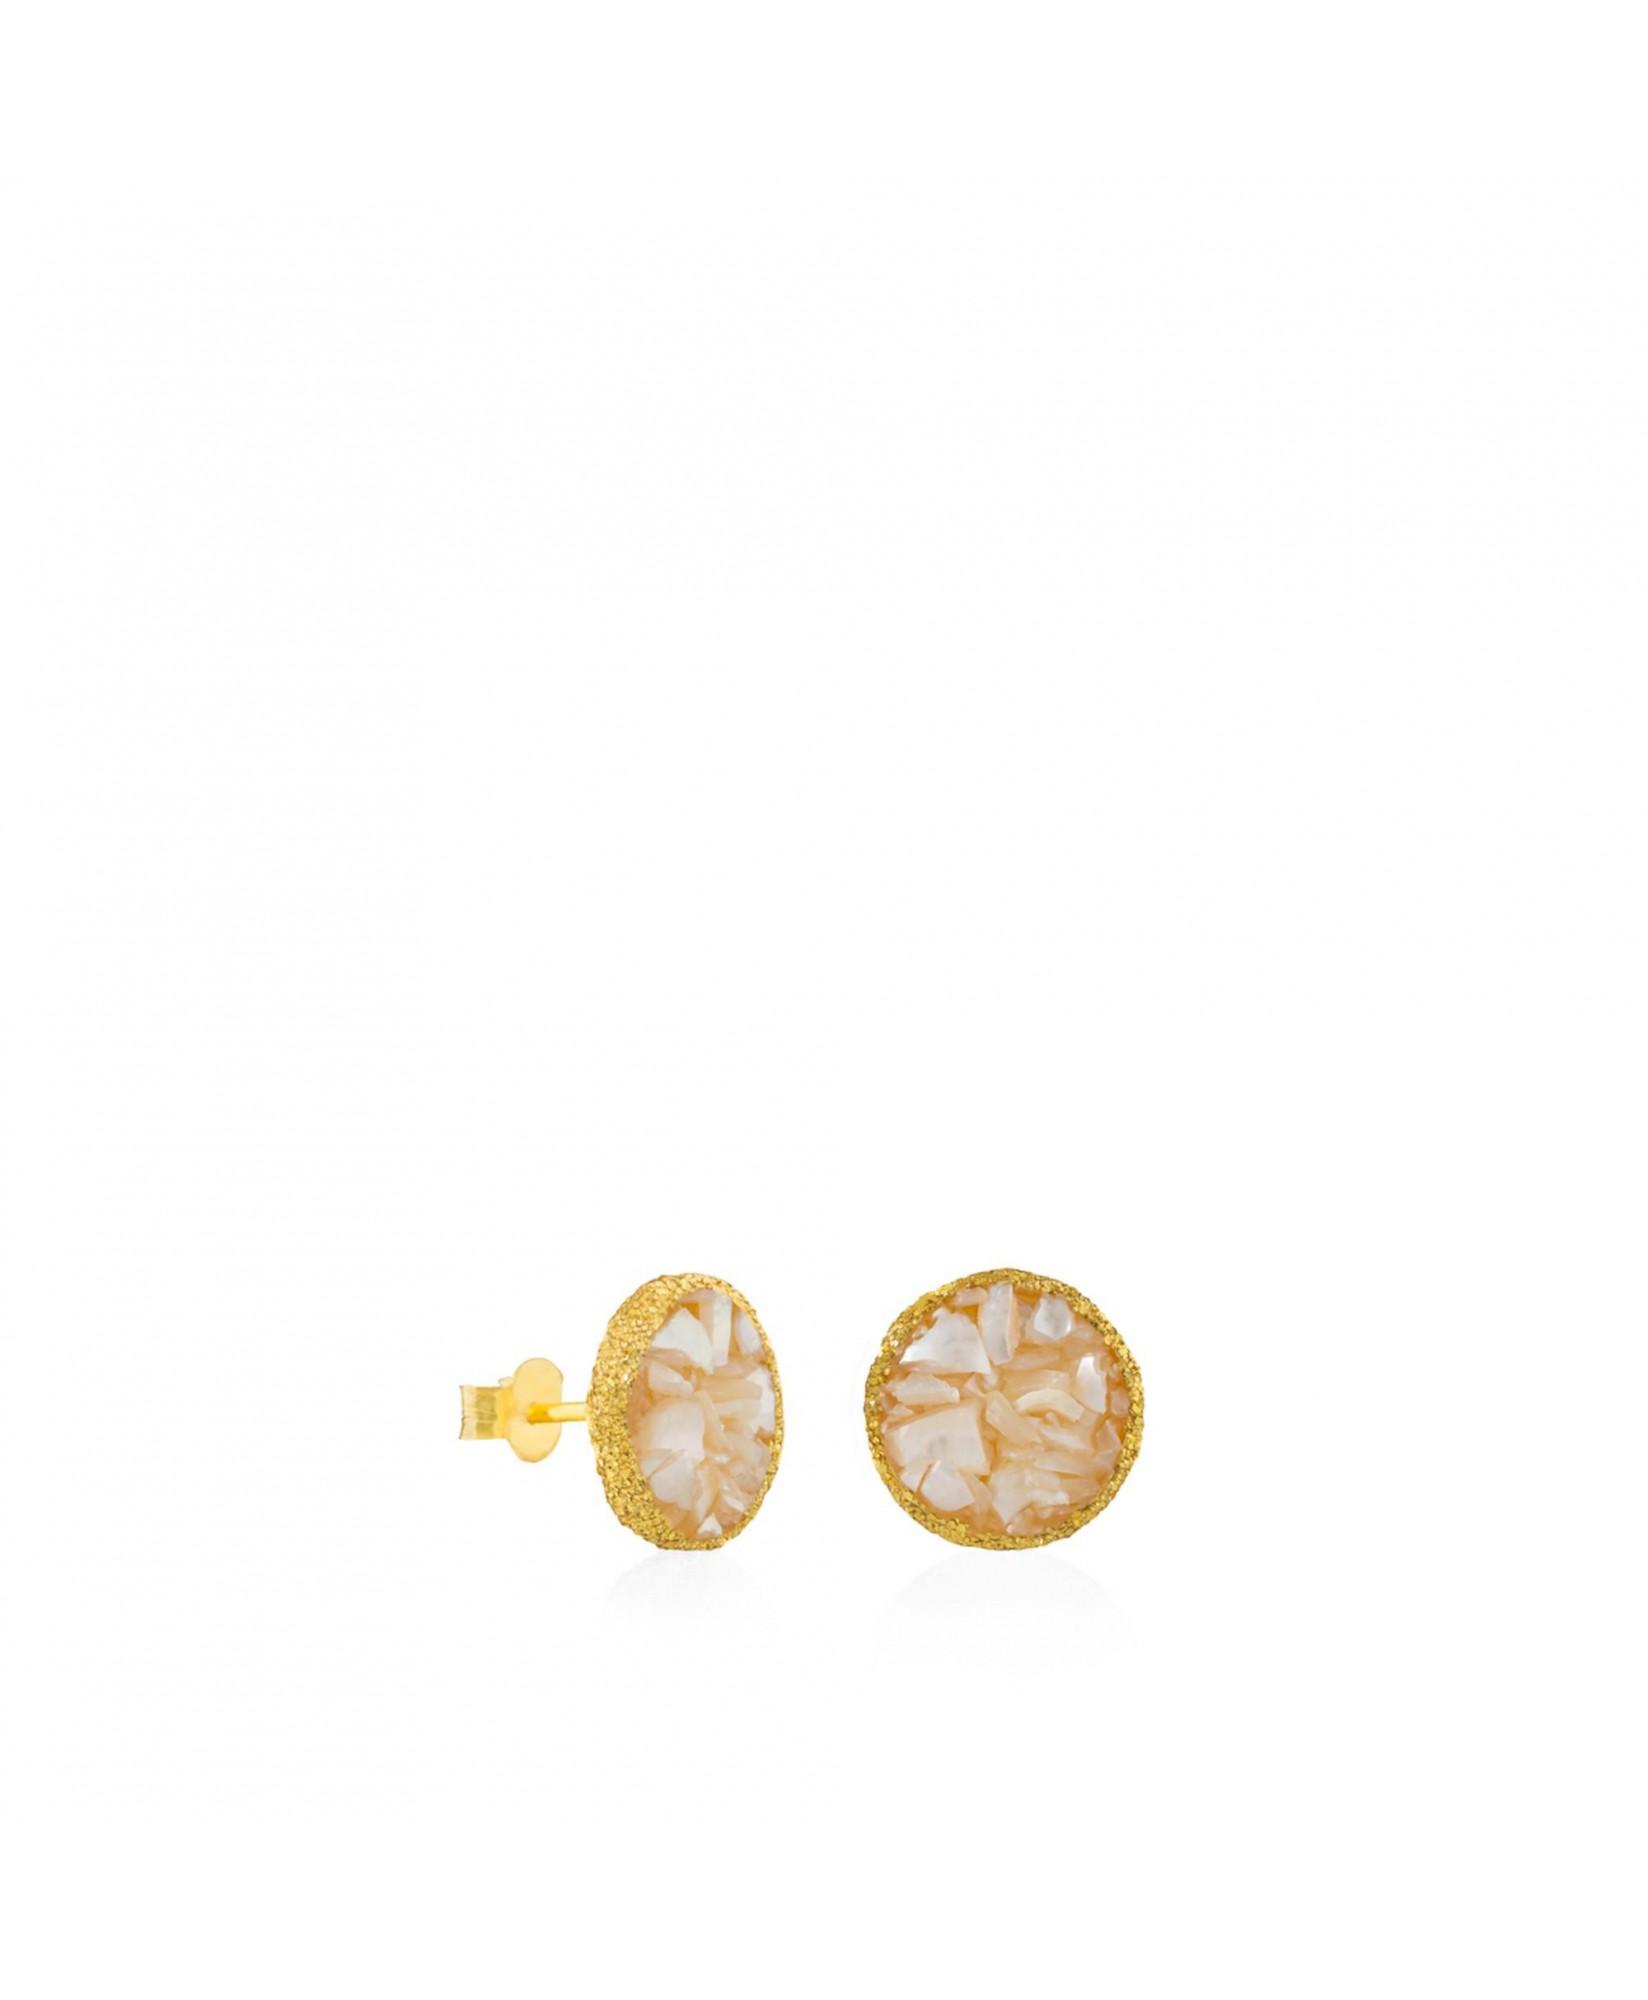 Pendientes dormilonas oro grandes Pearl con nácar blanco Pendientes dormilonas oro grandes Pearl con nácar blanco